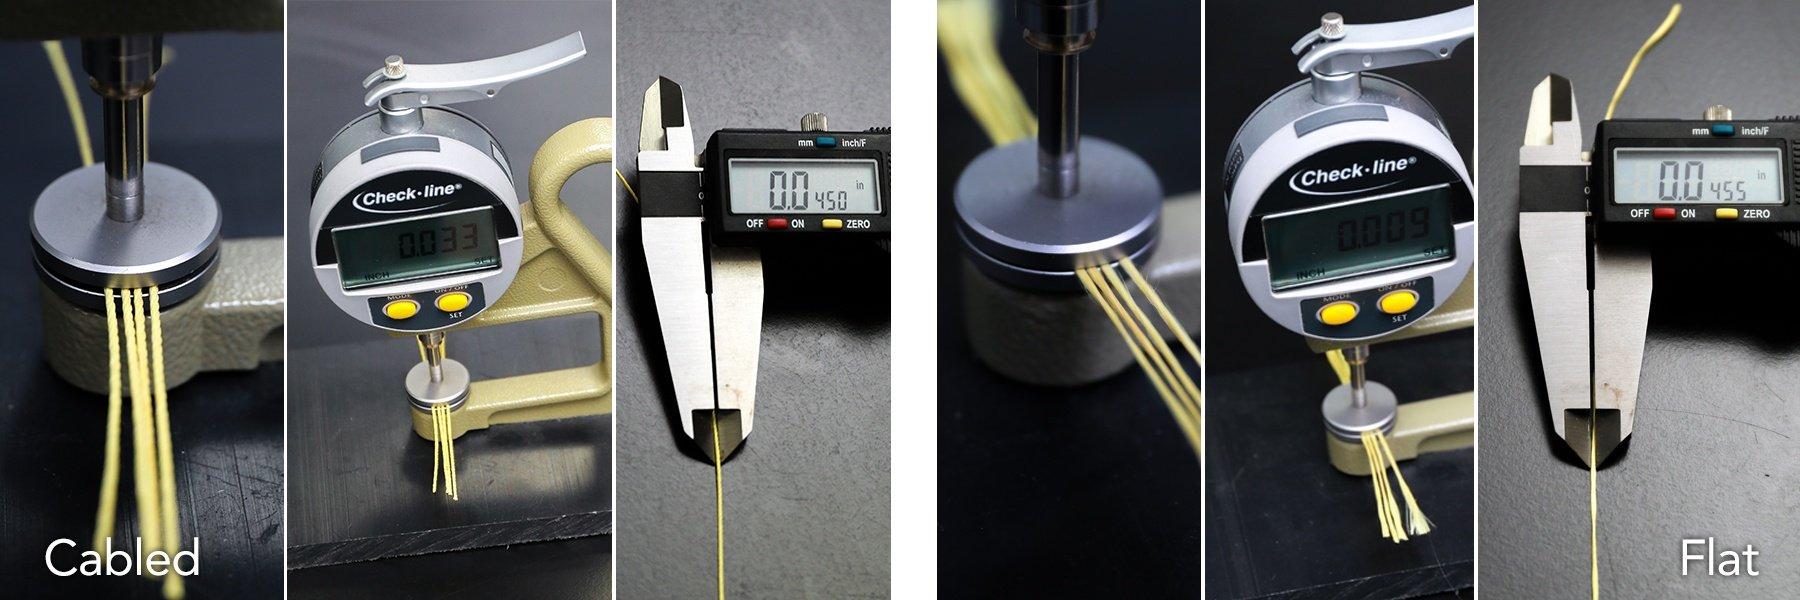 Cabled Thread vs Flat Thread Measurements